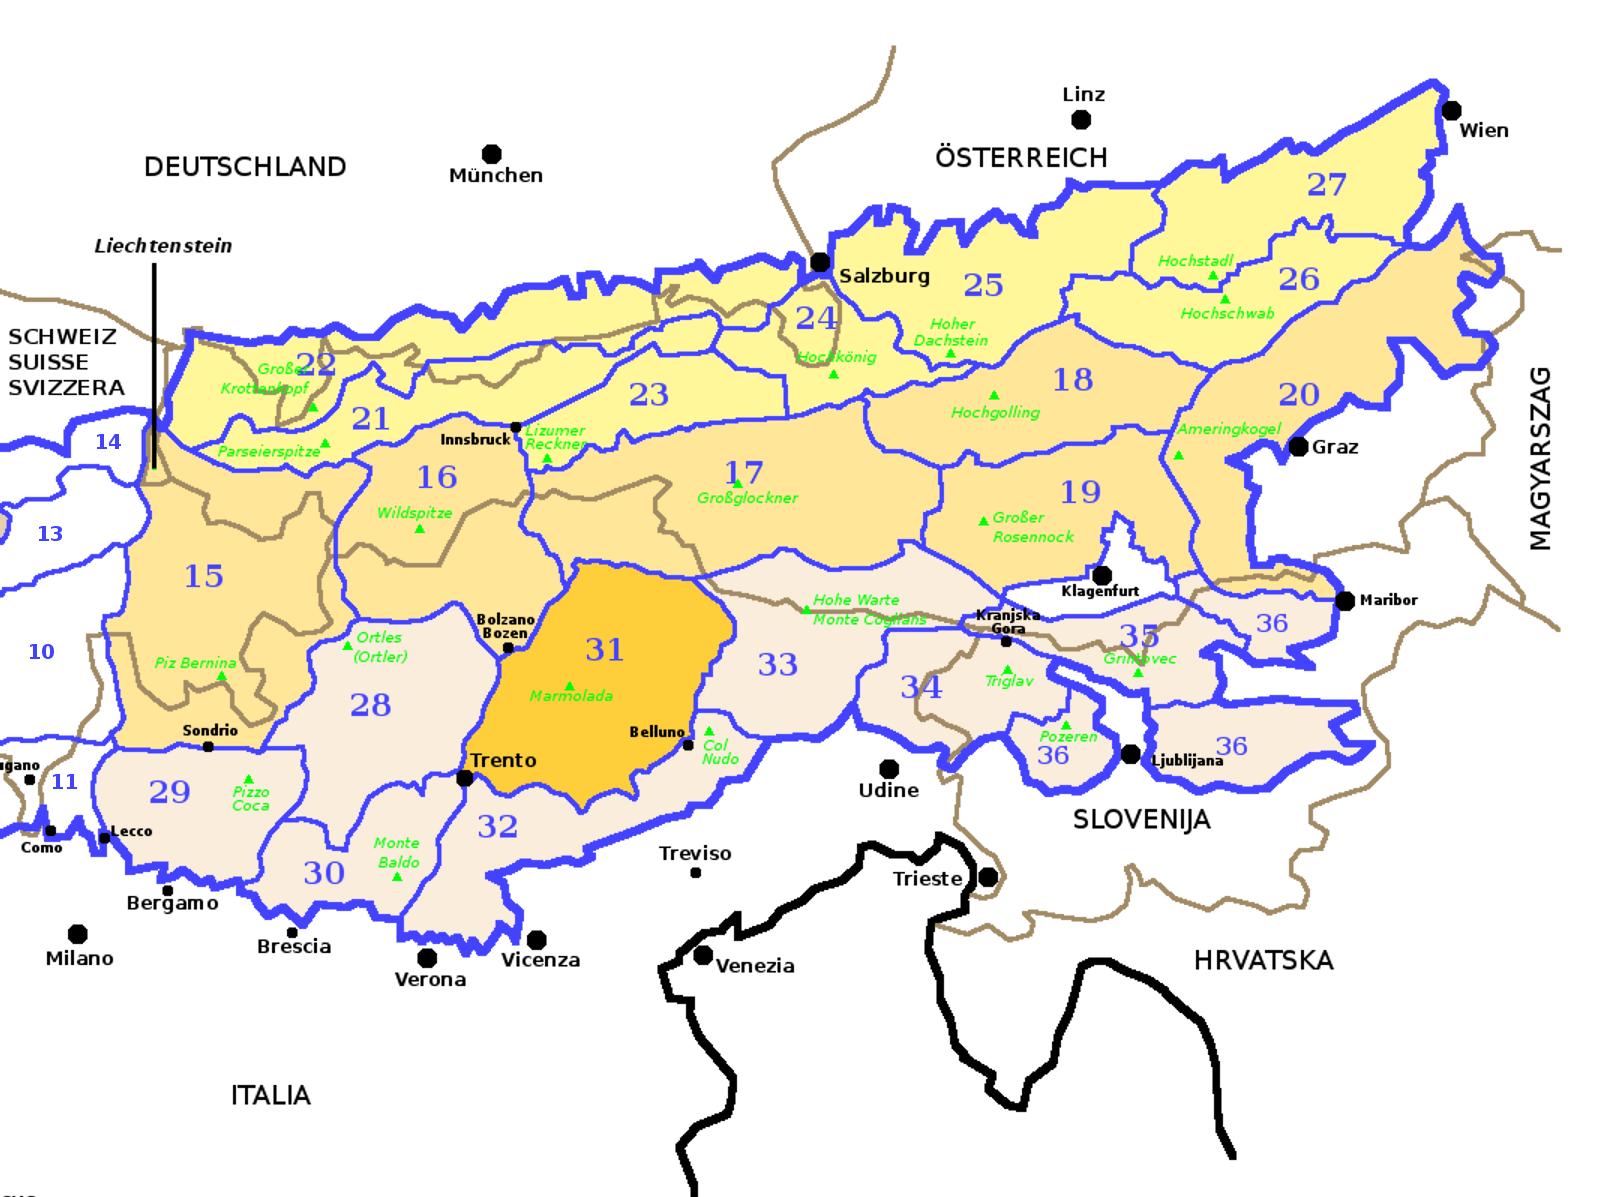 Cartina Geografica Dolomiti.Dolomiti Sezione Alpina Wikipedia